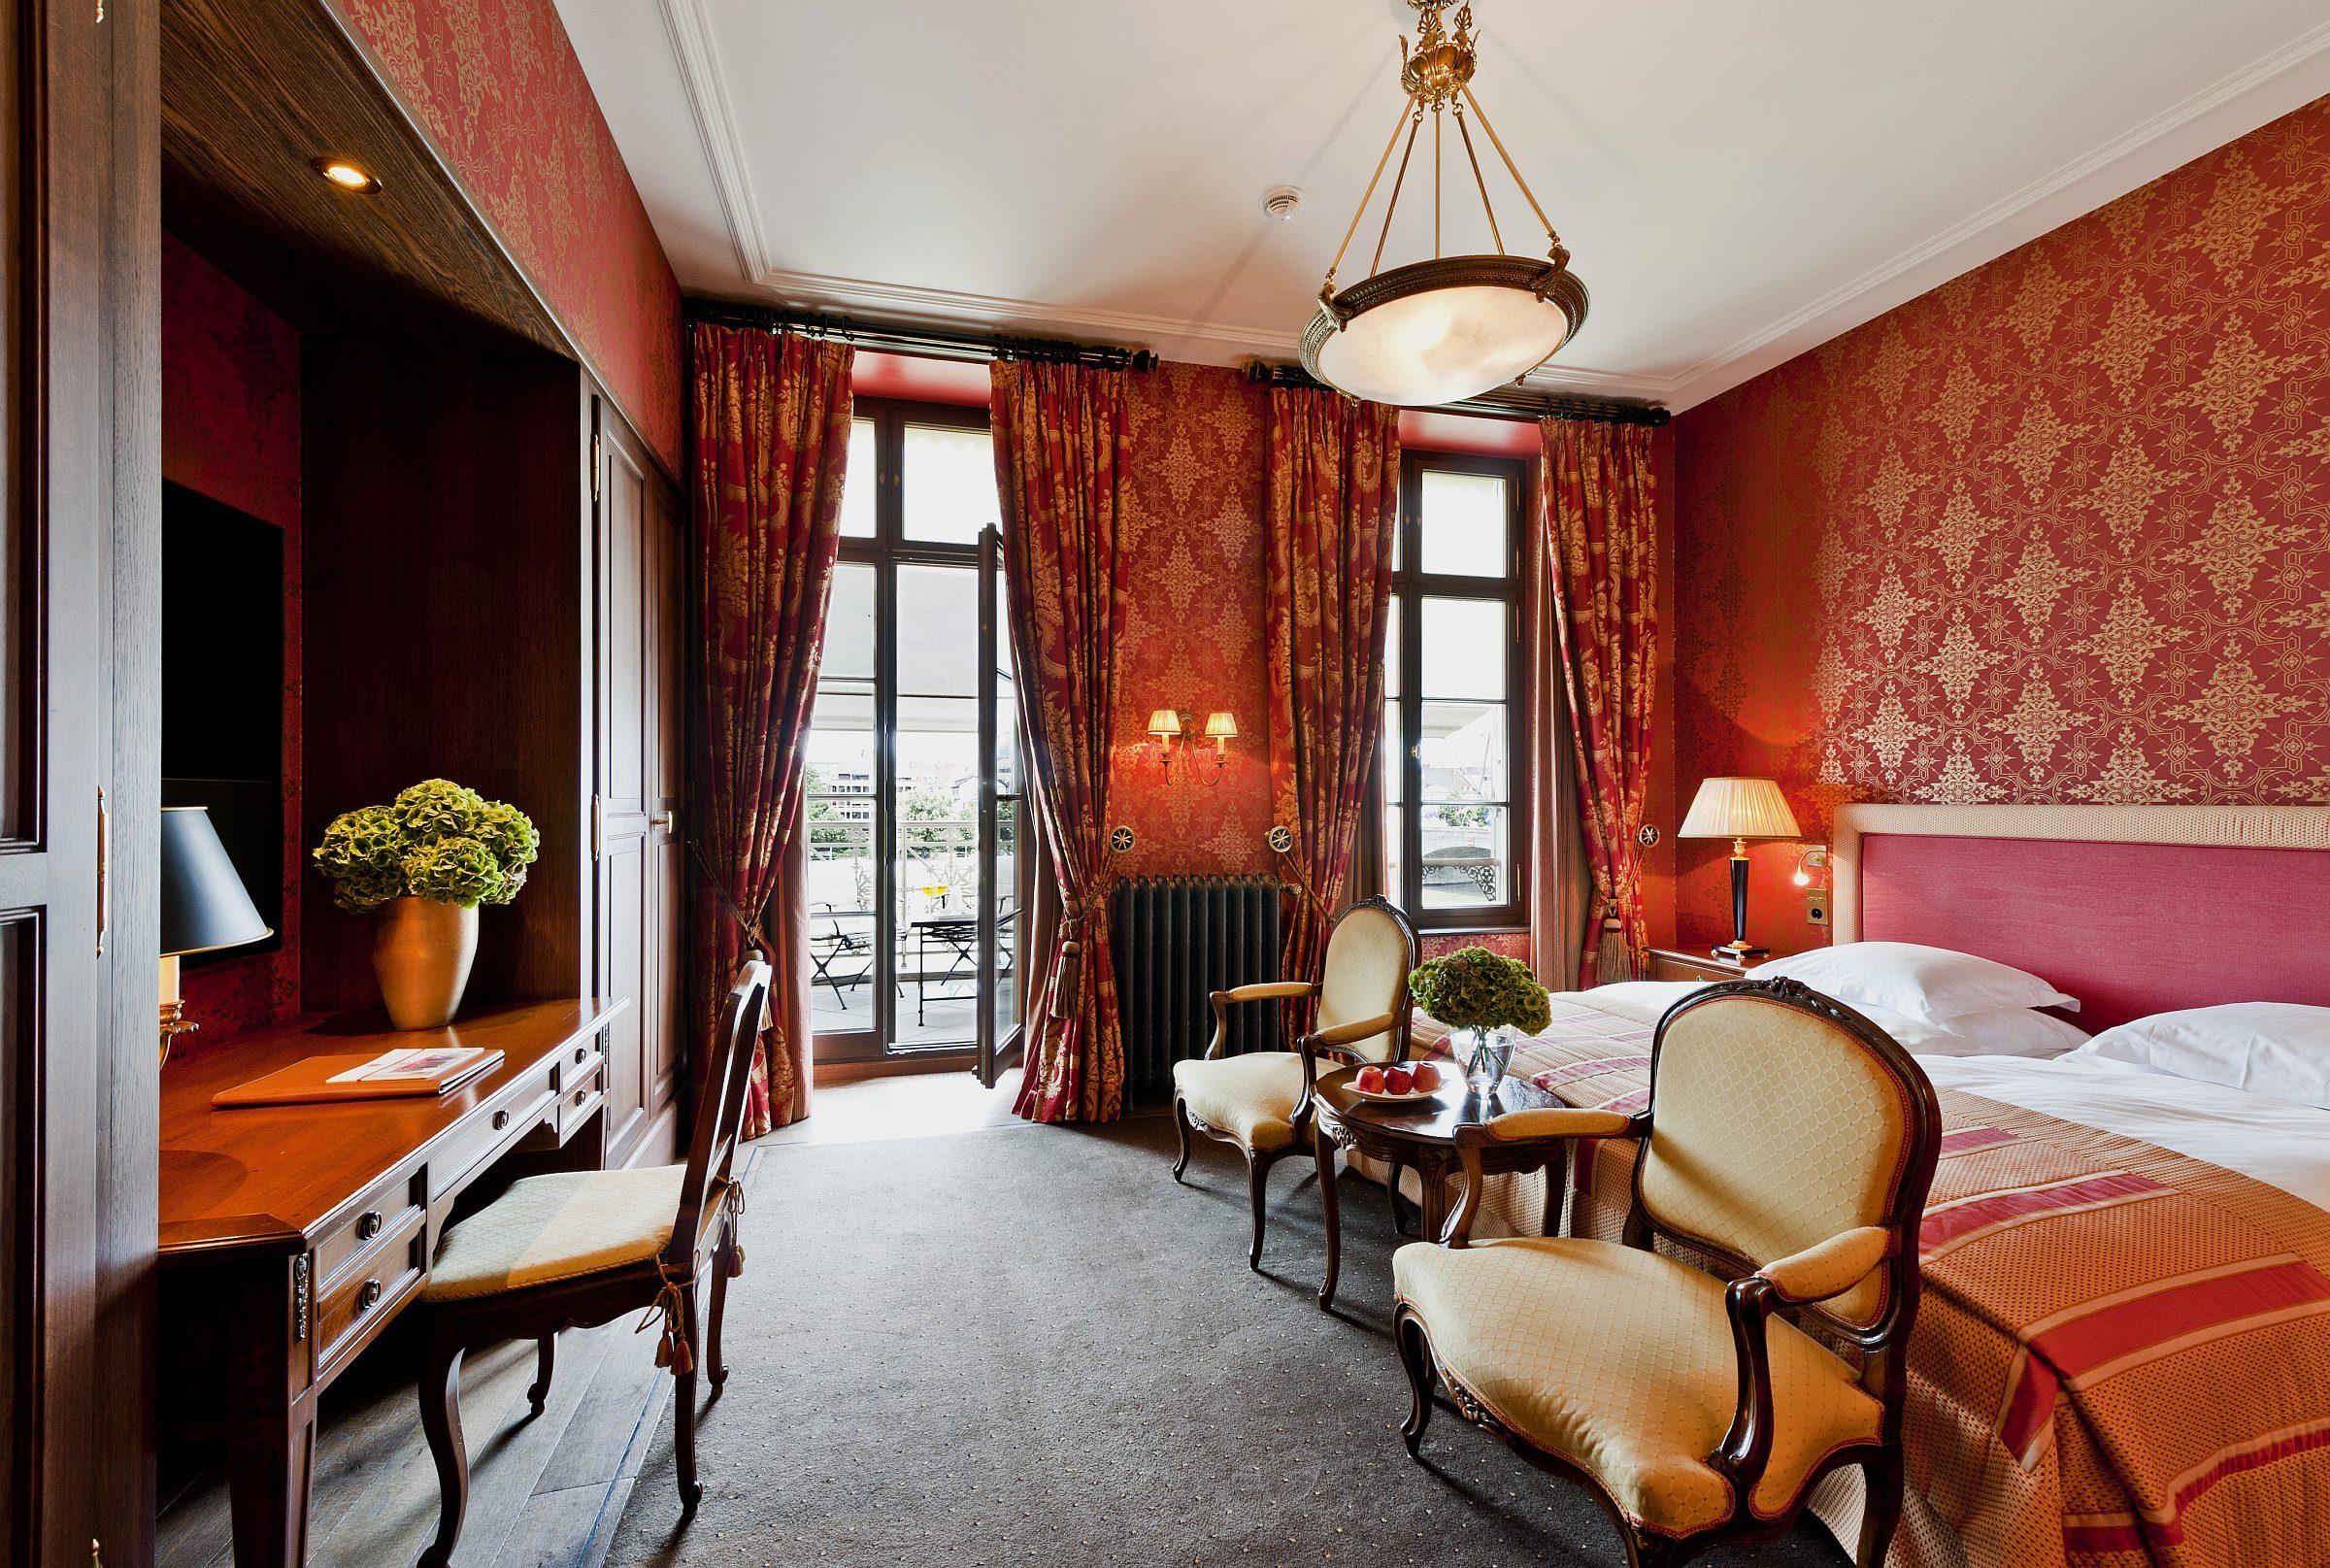 grand hotel les trois rois terrasse restaurant unterkunft reisetipps hotelreservierung und. Black Bedroom Furniture Sets. Home Design Ideas